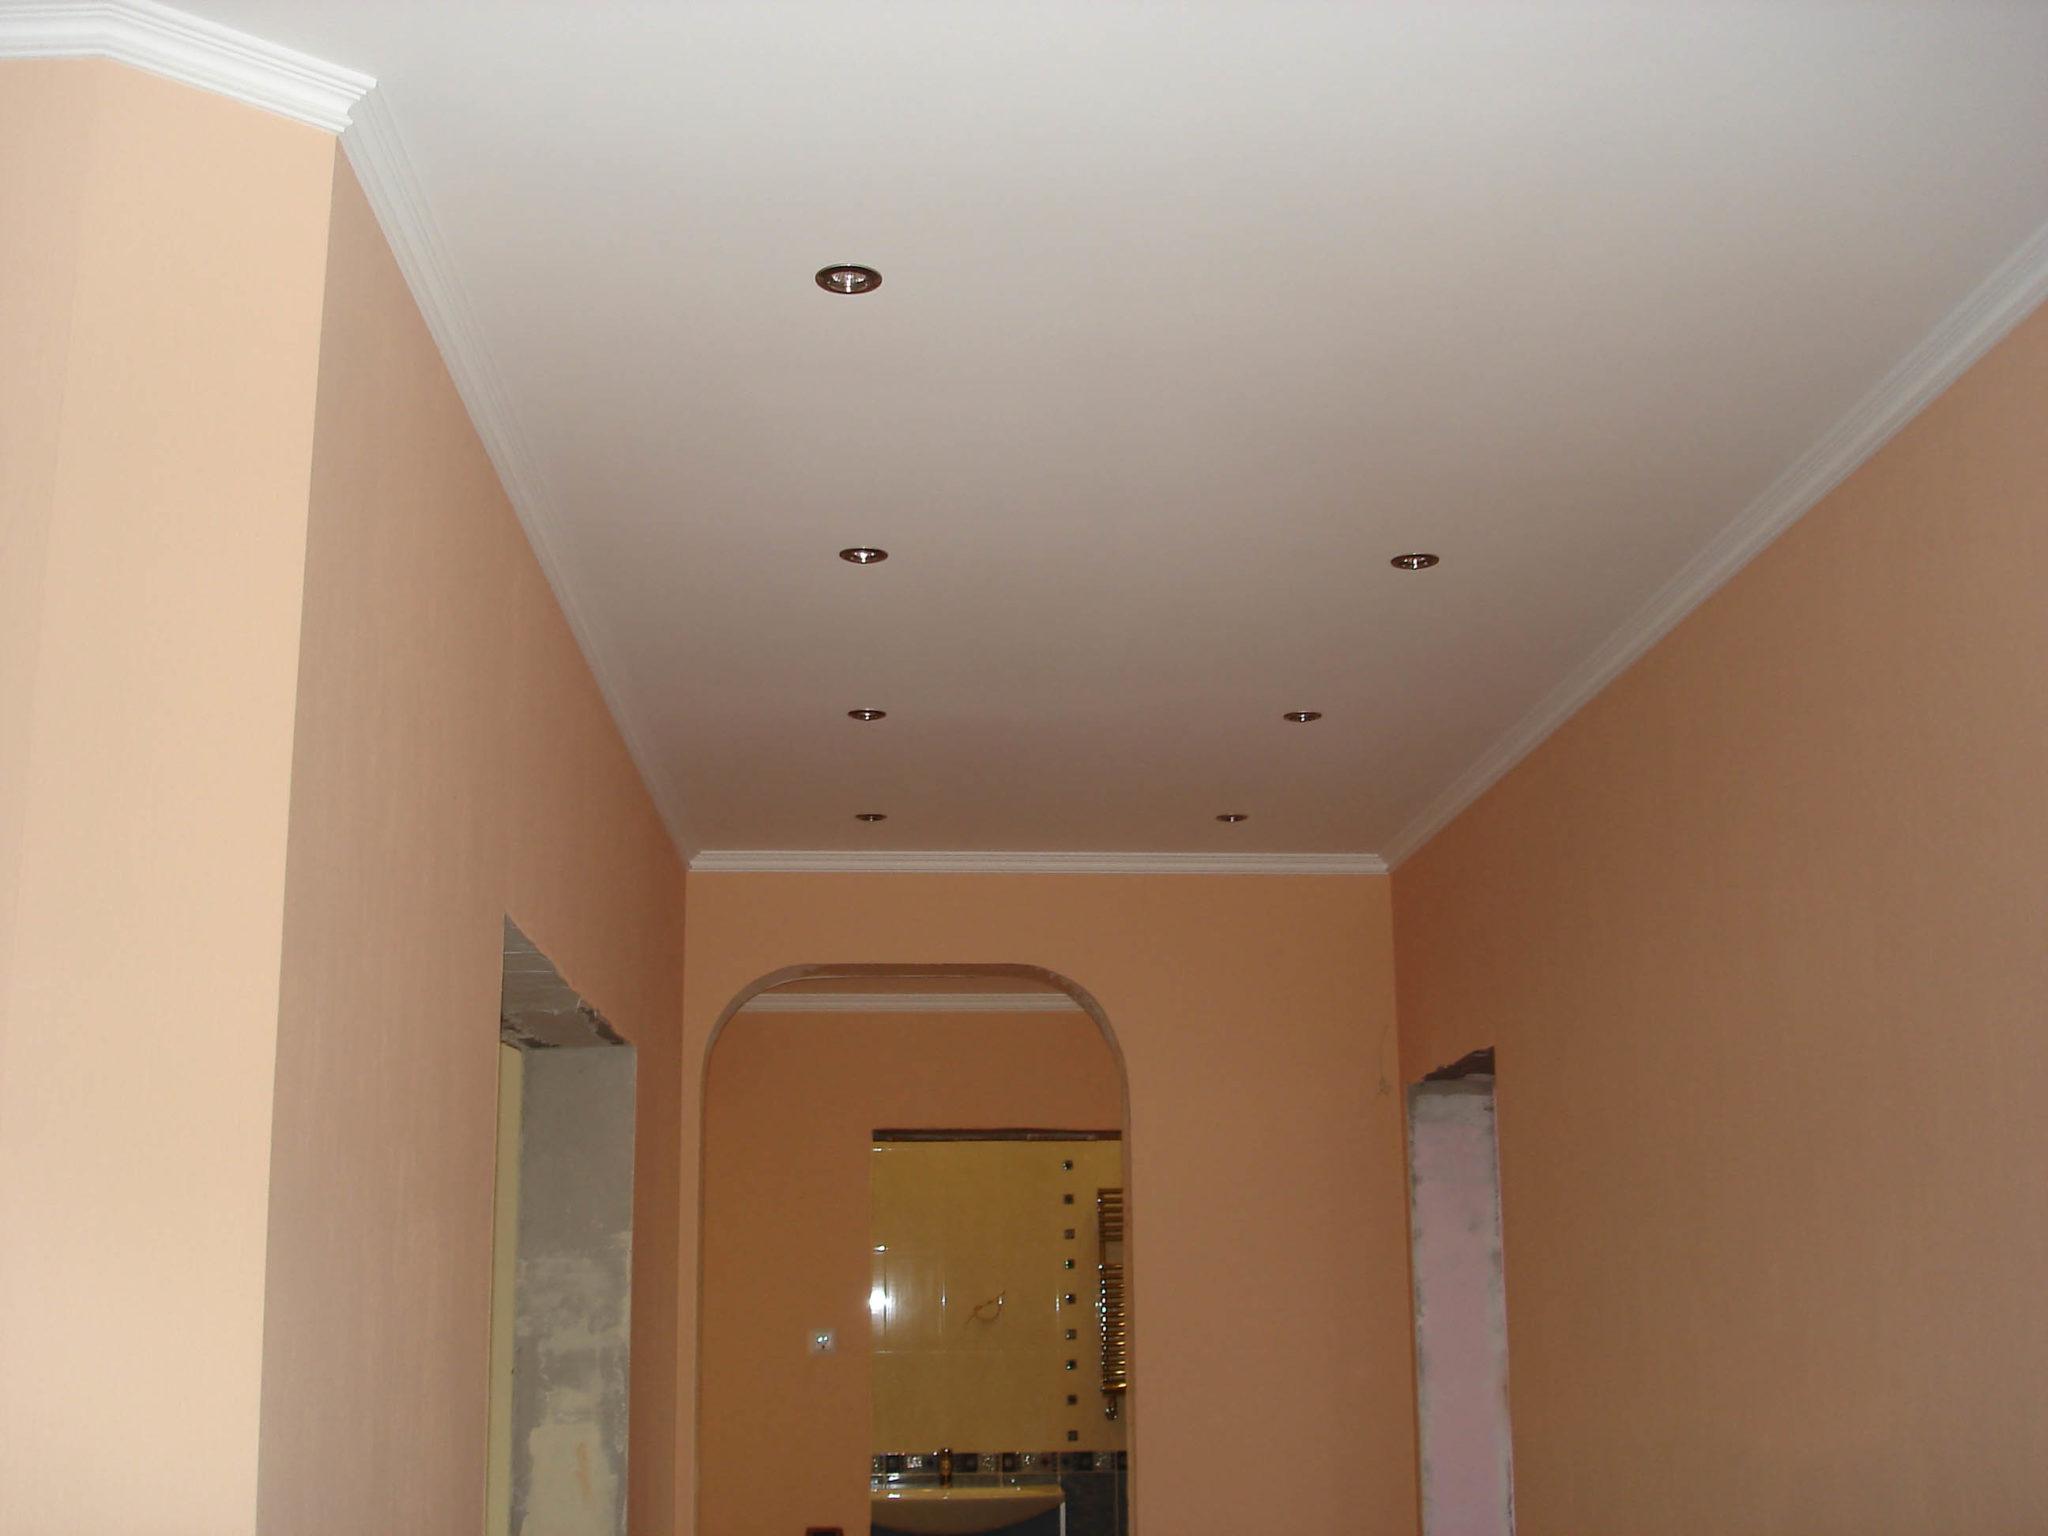 воде летучая матовые натяжные потолки в коридоре фото игре